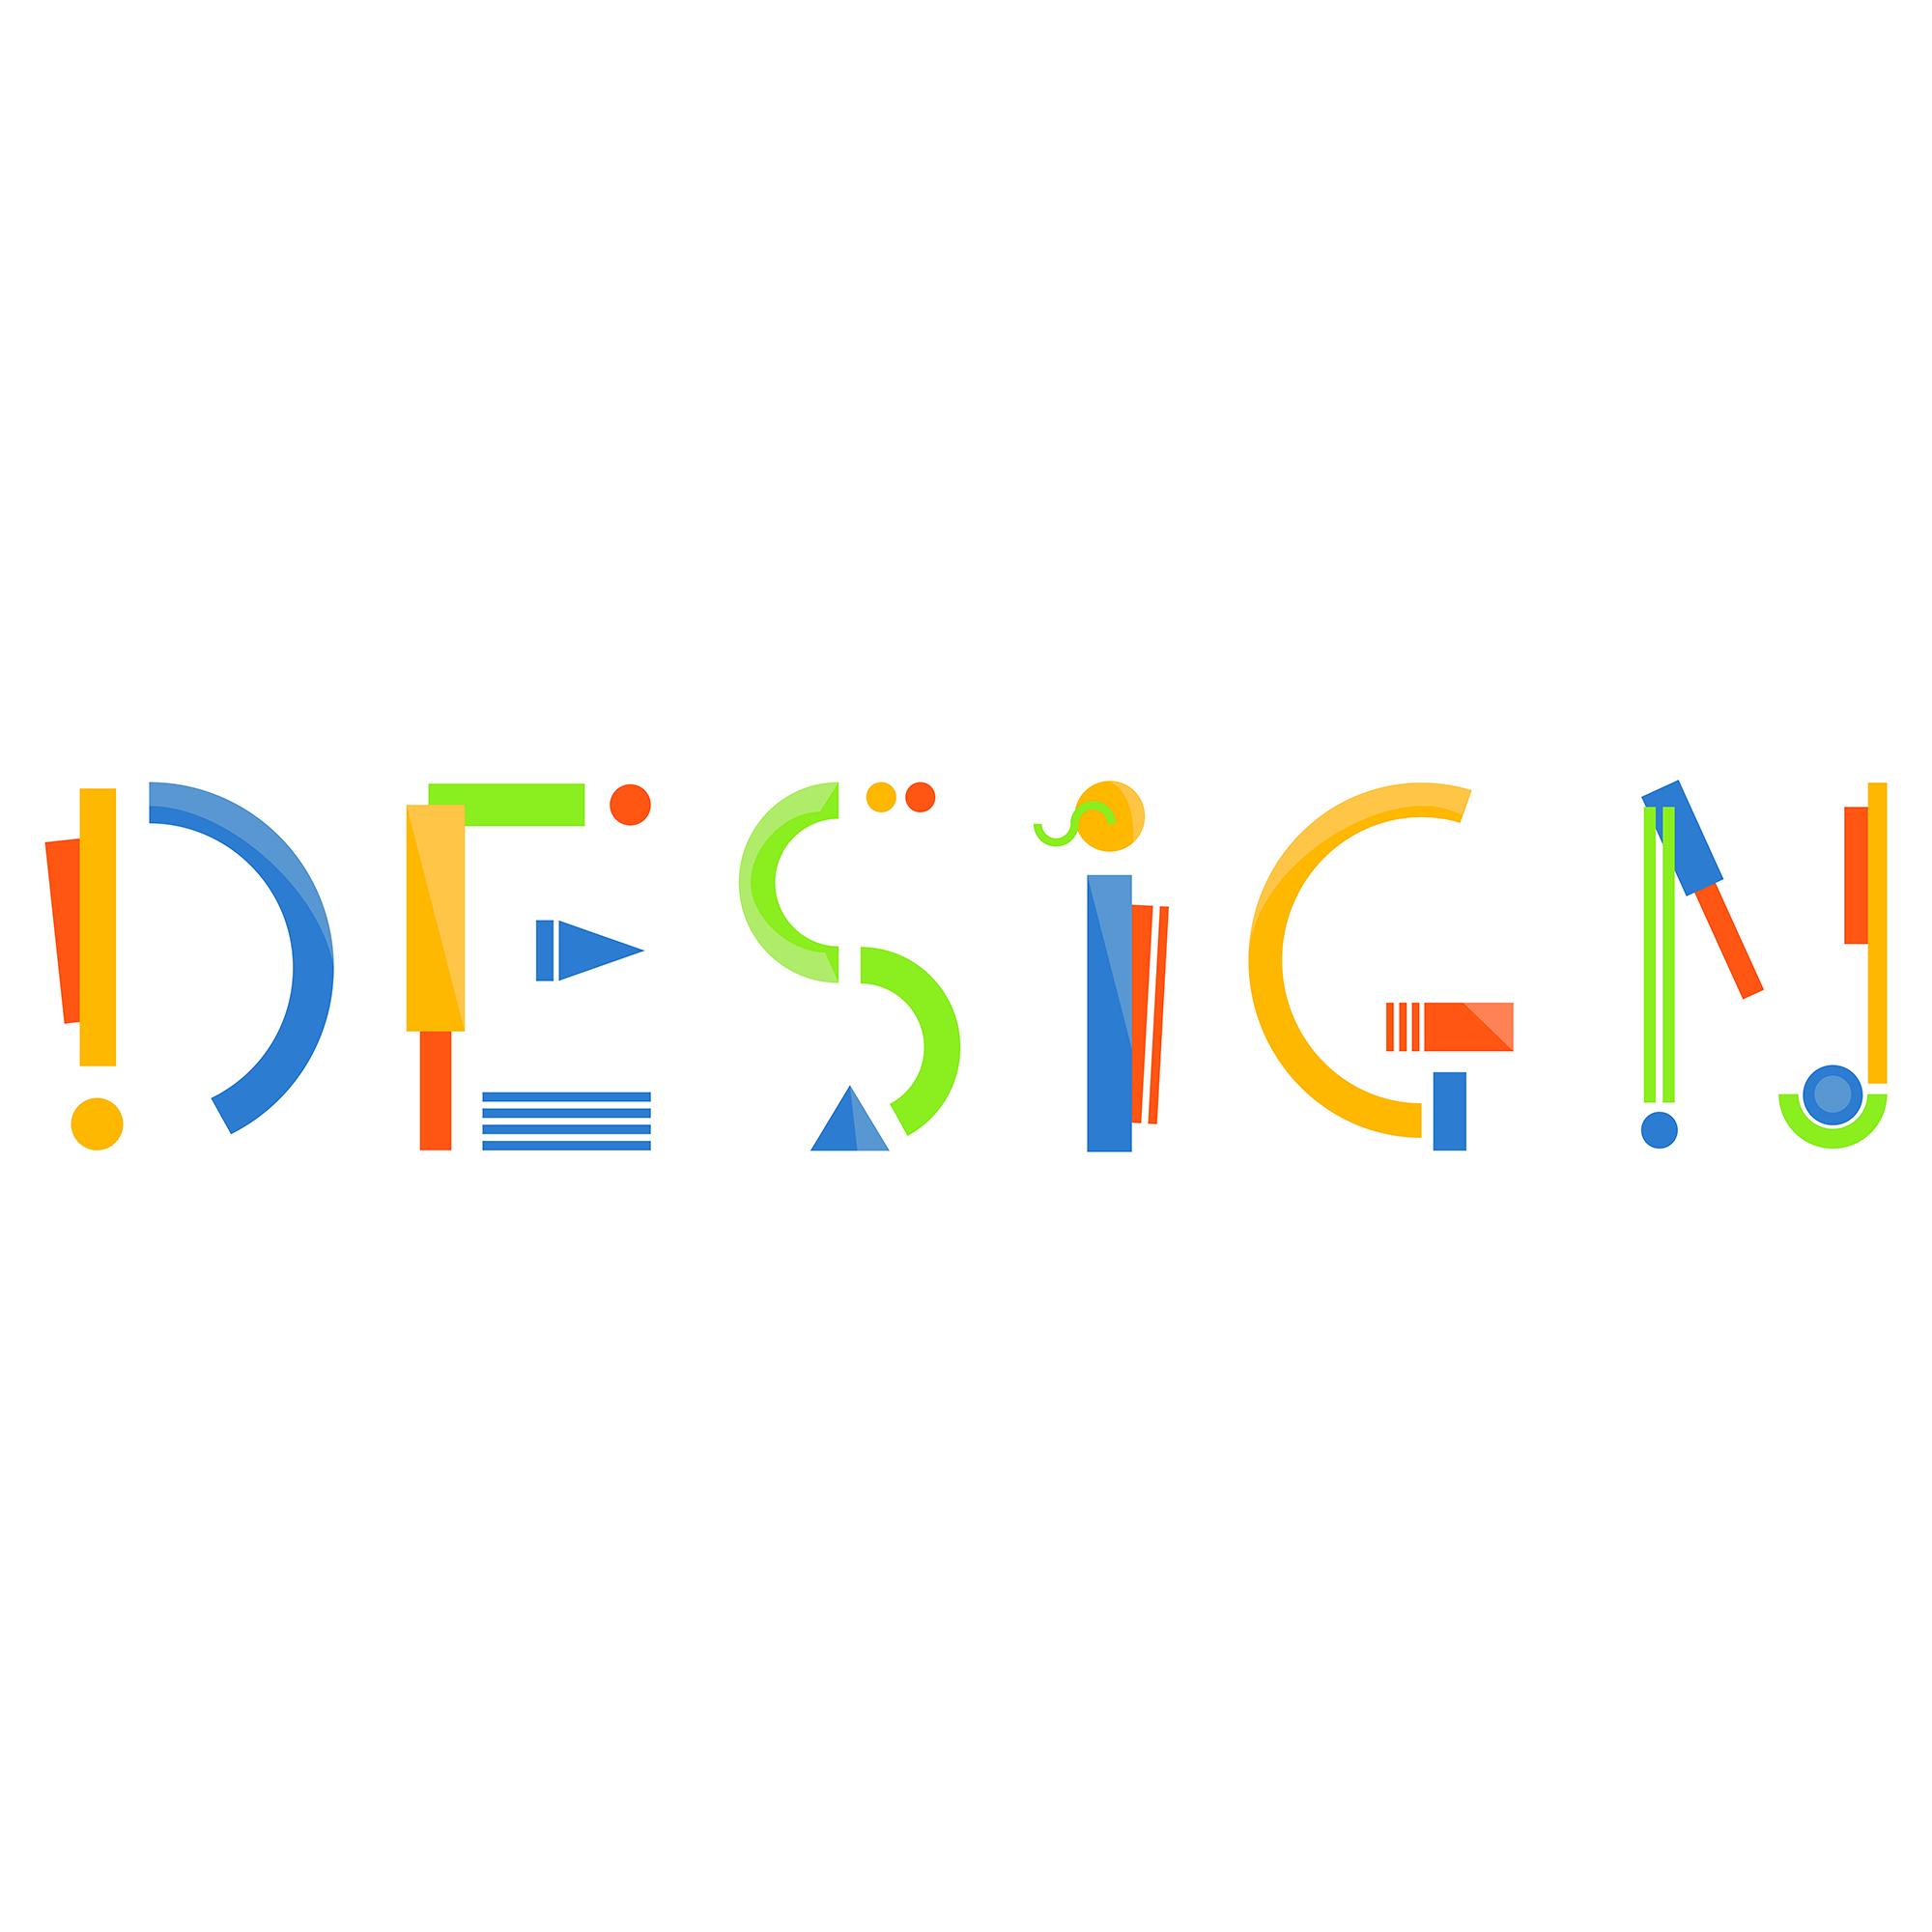 Design - Ryan Sandvik